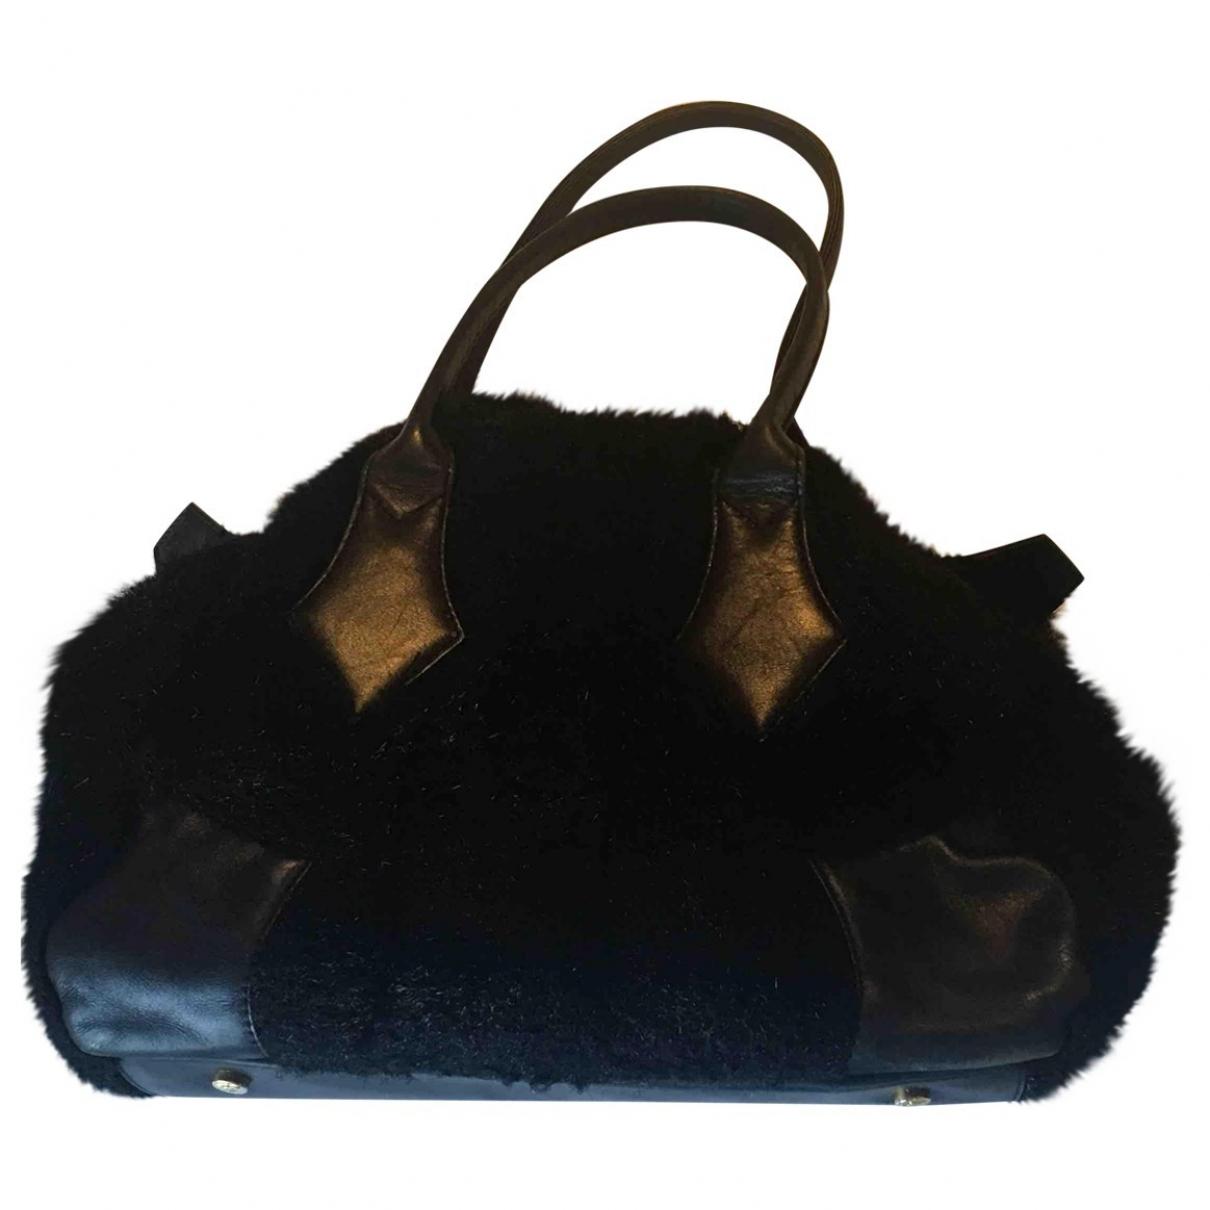 Vivienne Westwood \N Handtasche in  Schwarz Synthetikpelz